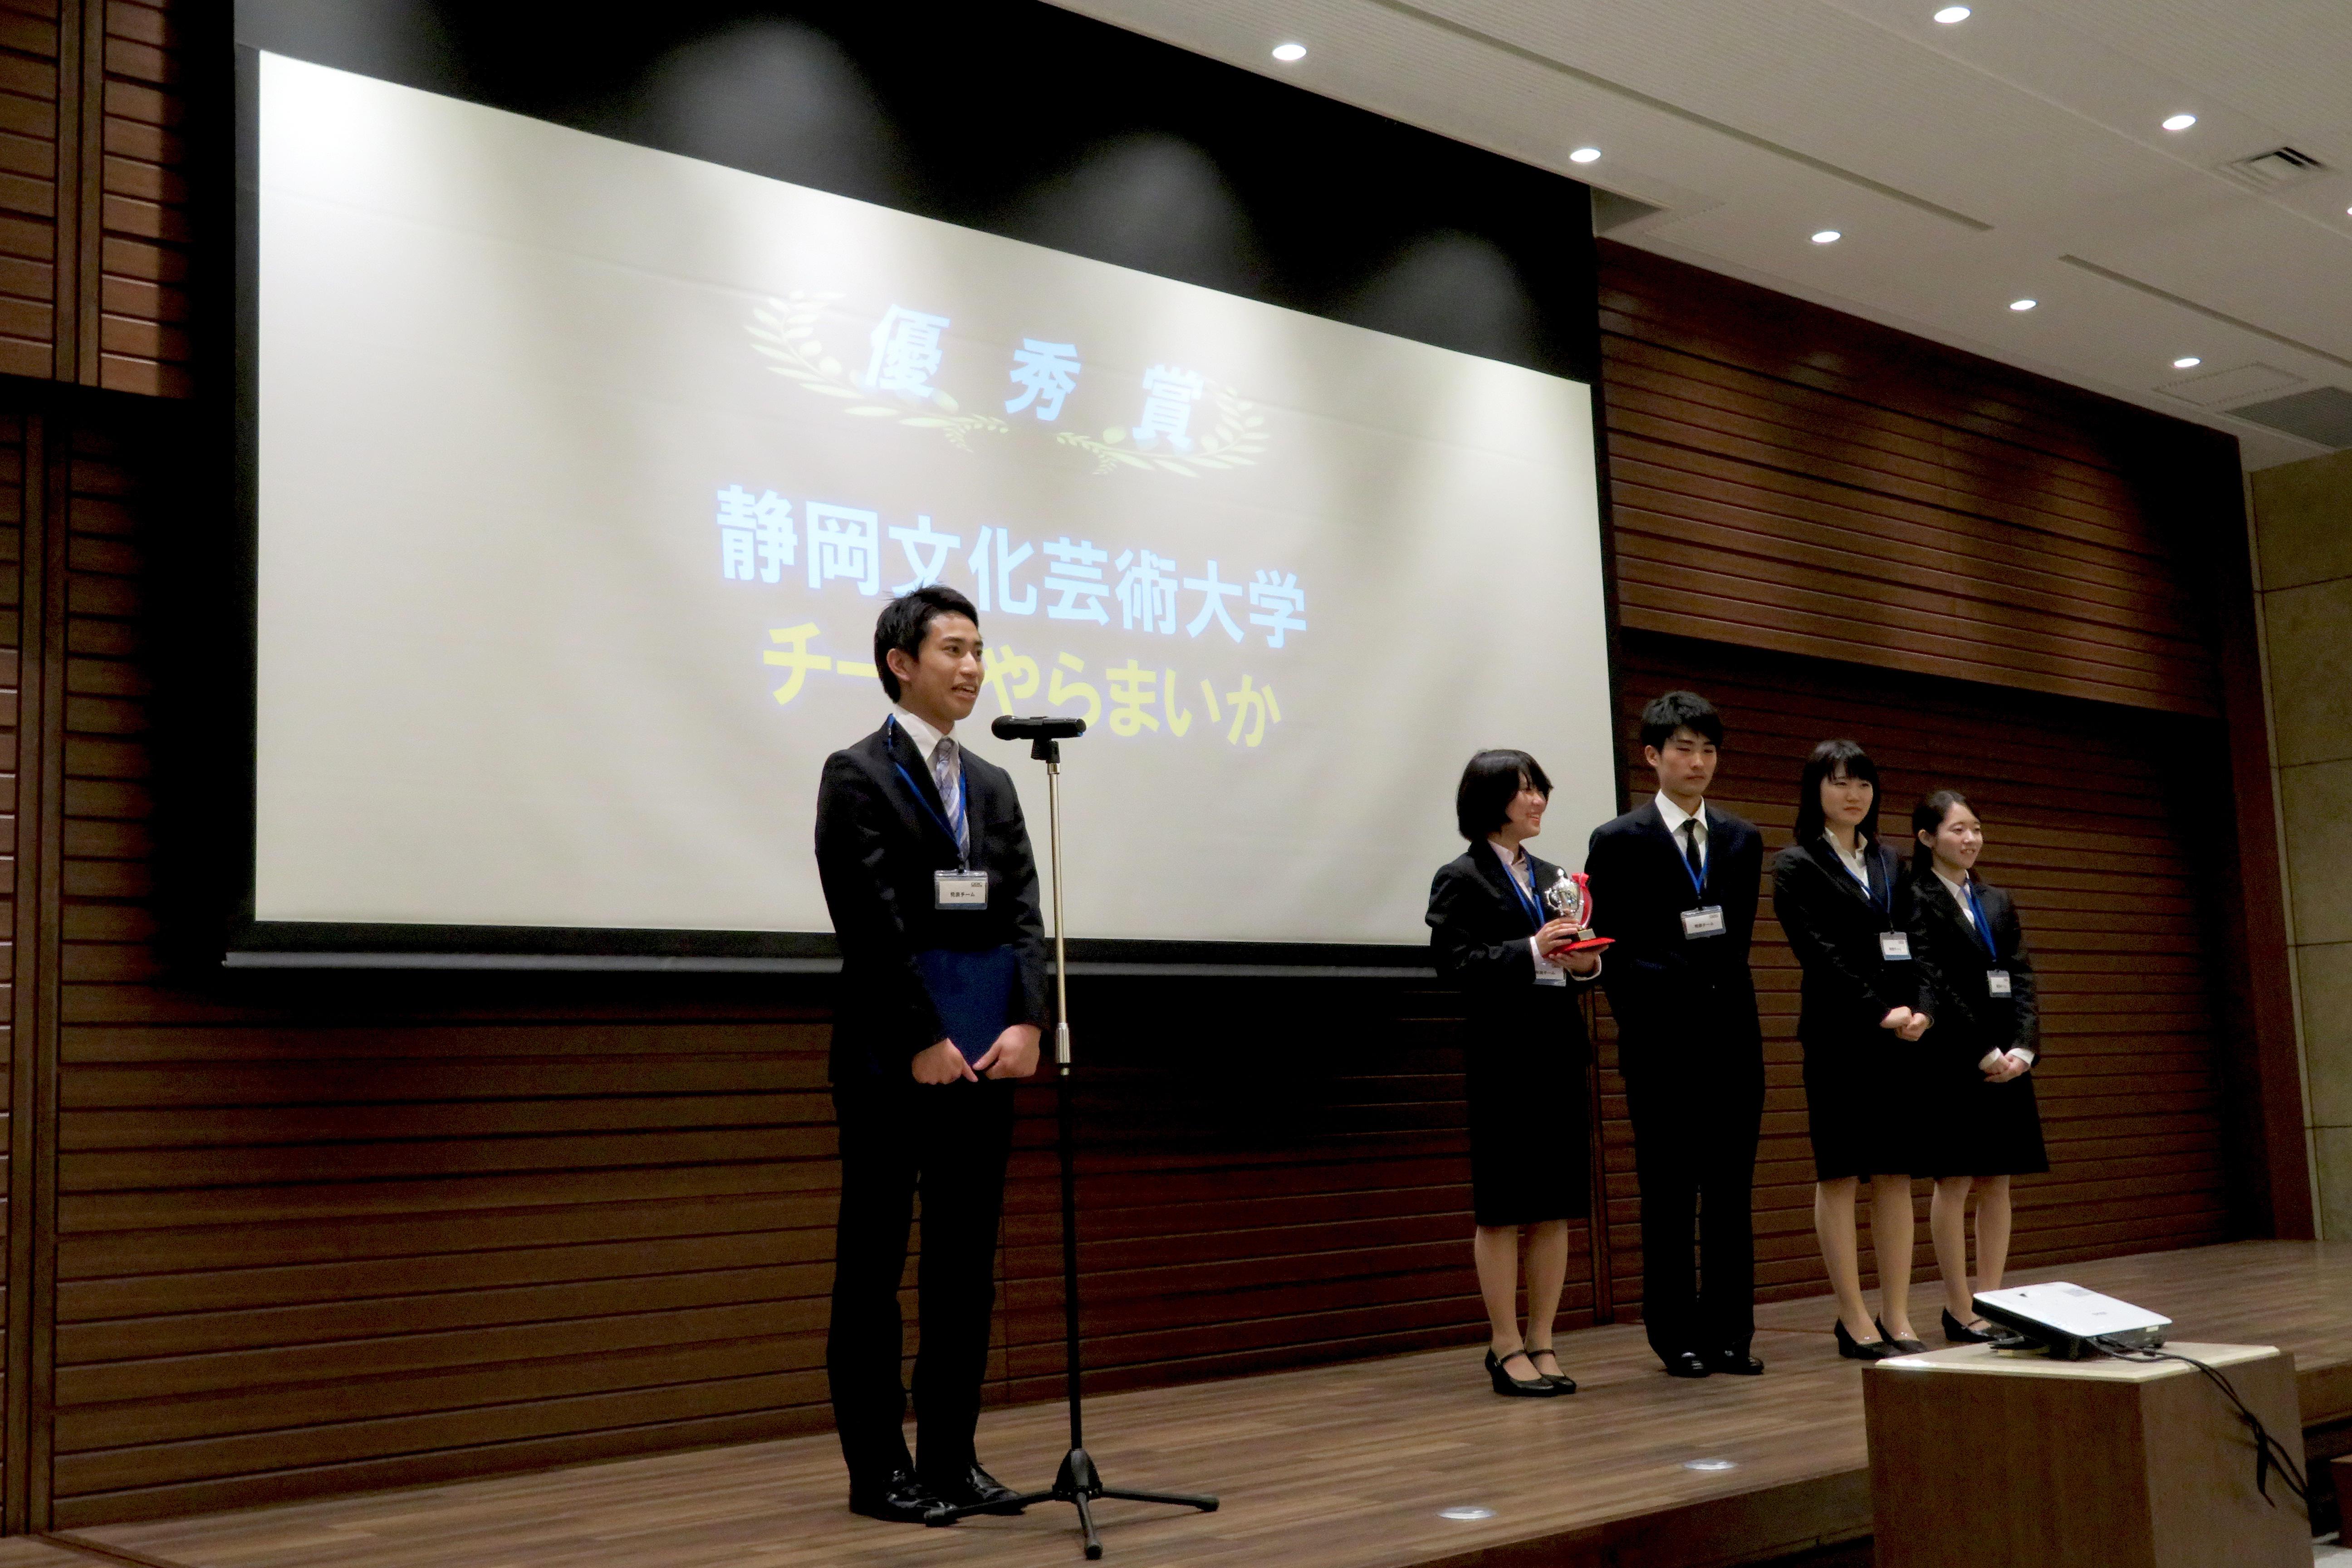 2017年度「知財活用スチューデントアワード」で静岡文化芸術大学「チームやらまいか」が優秀賞を受賞